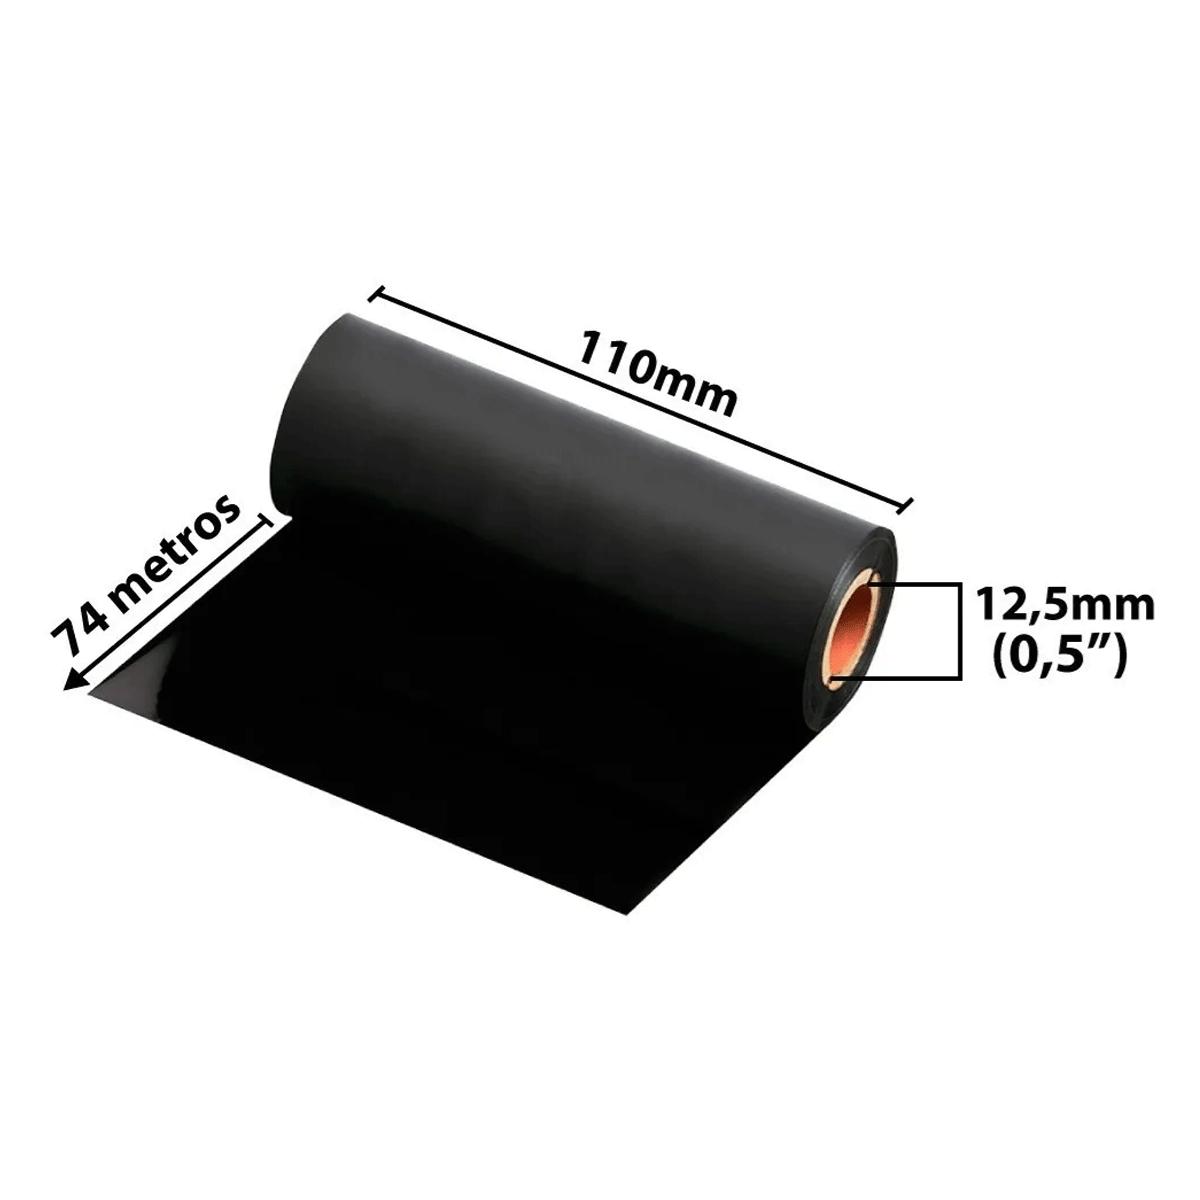 24 rolos de Ribbons - Cera preta 110mm x 74Mts